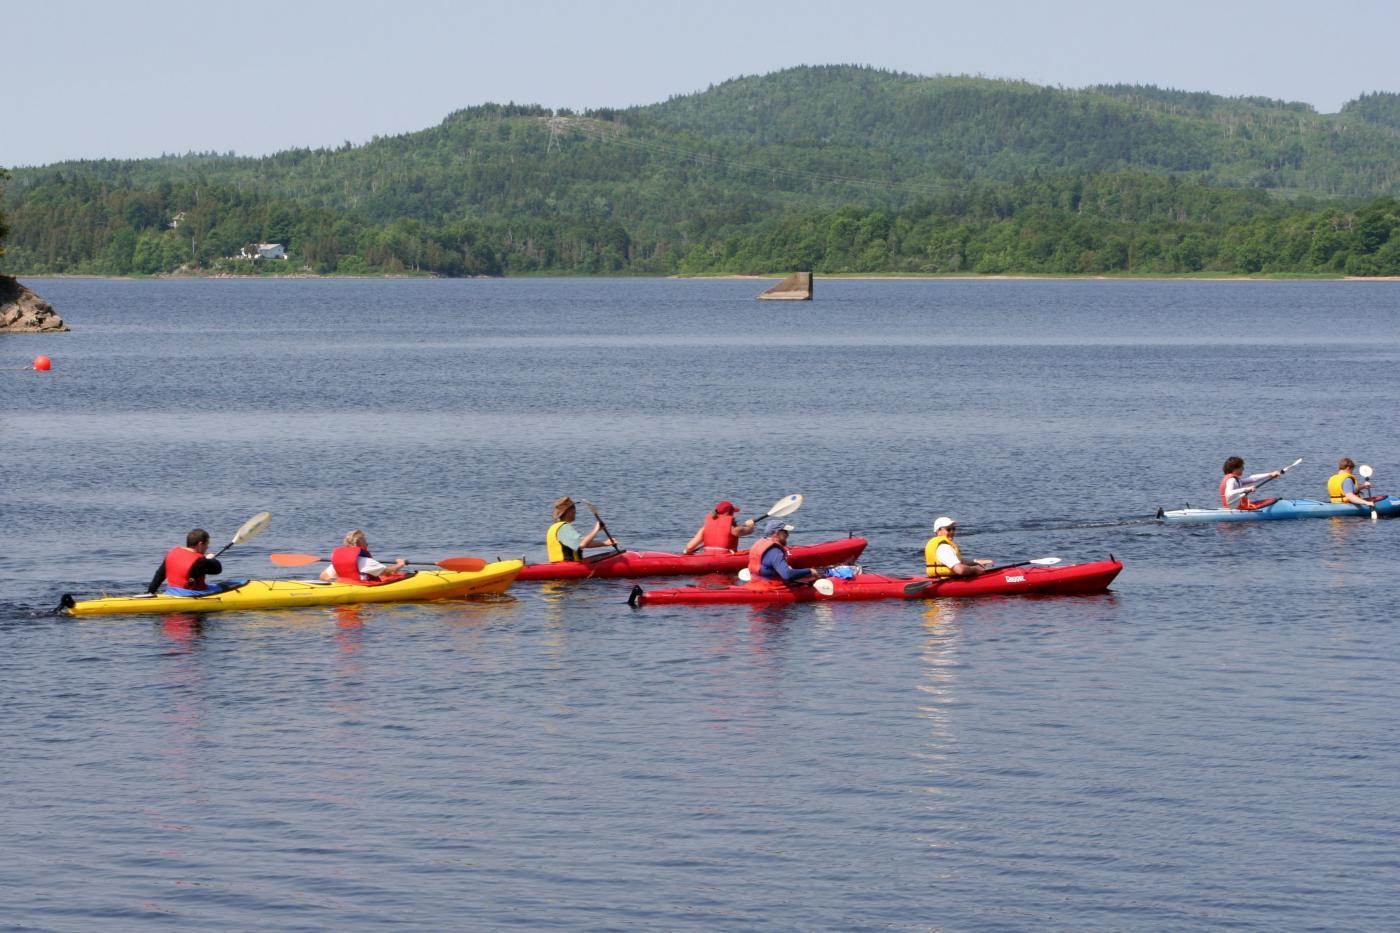 15 United States Kayak